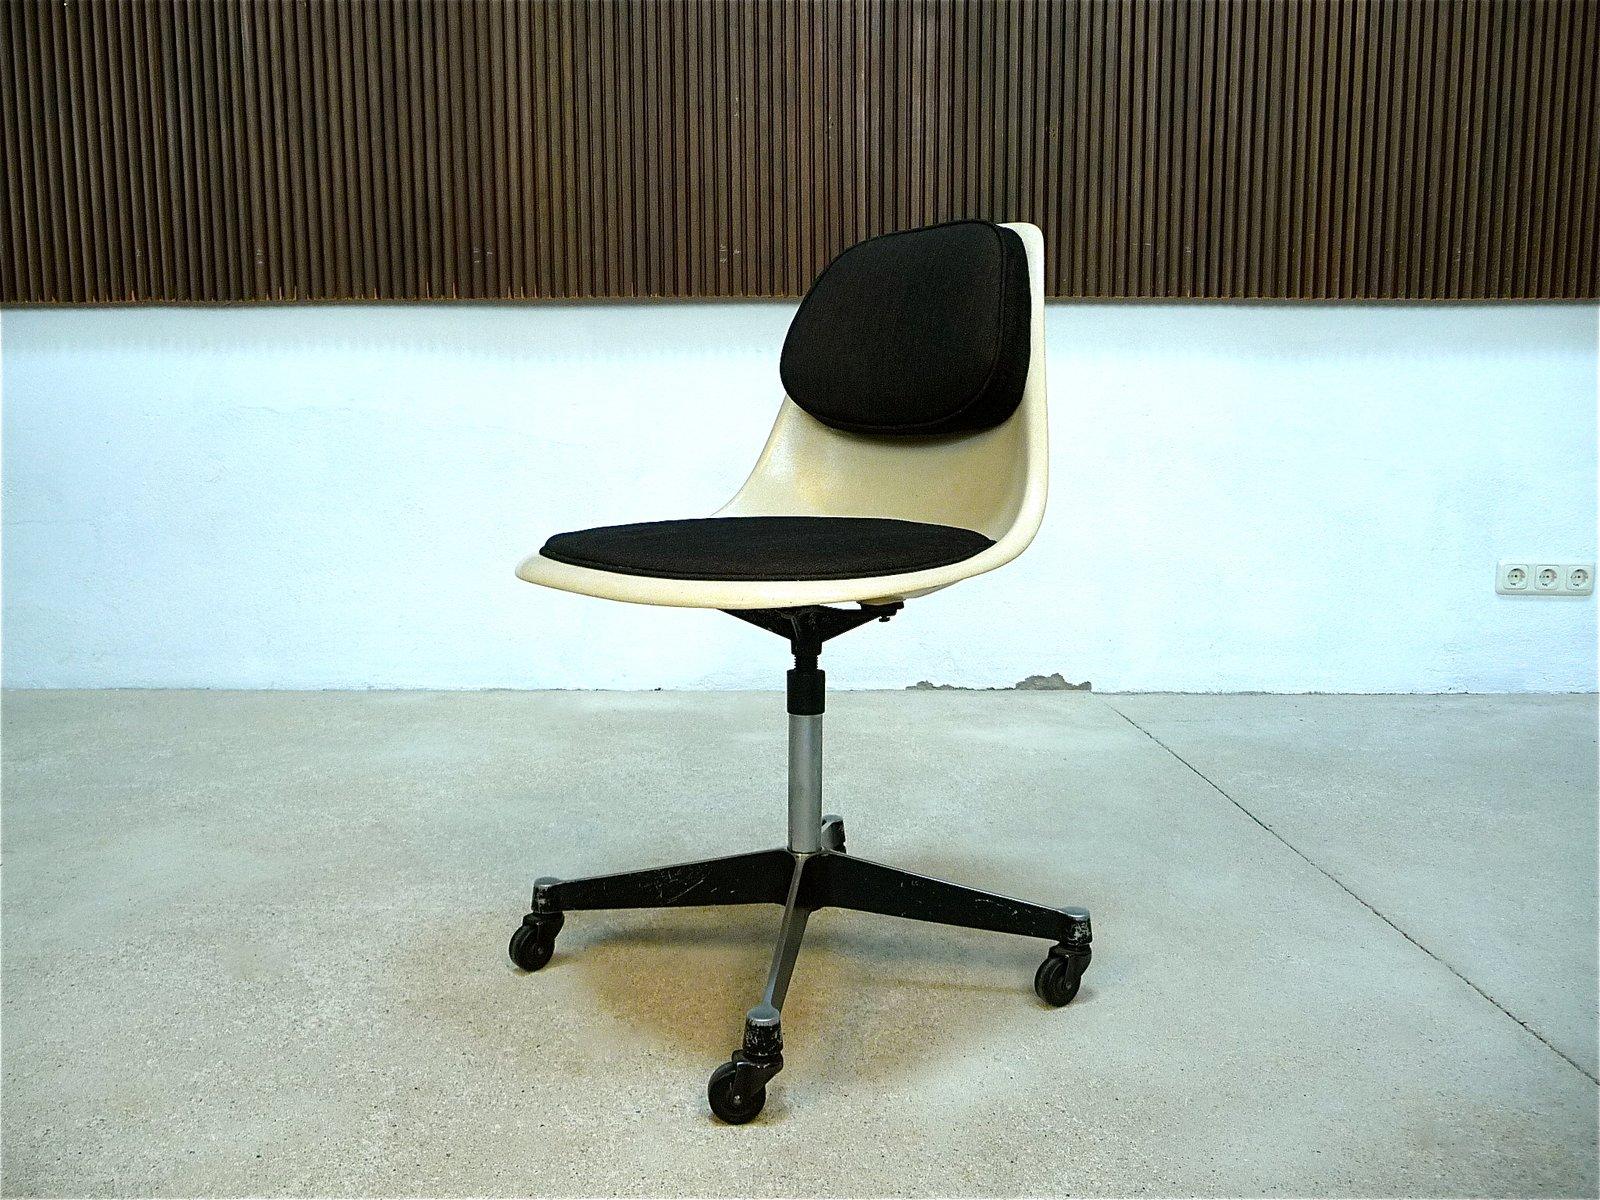 Bürostuhl Eames pscc 4 bürostuhl charles eames für herman miller 1960er